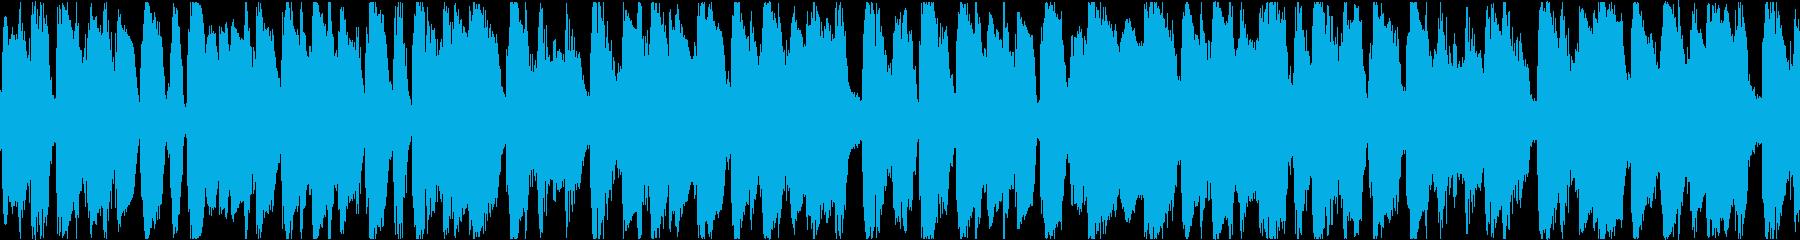 【ジャズ】ショートループ【映像】の再生済みの波形